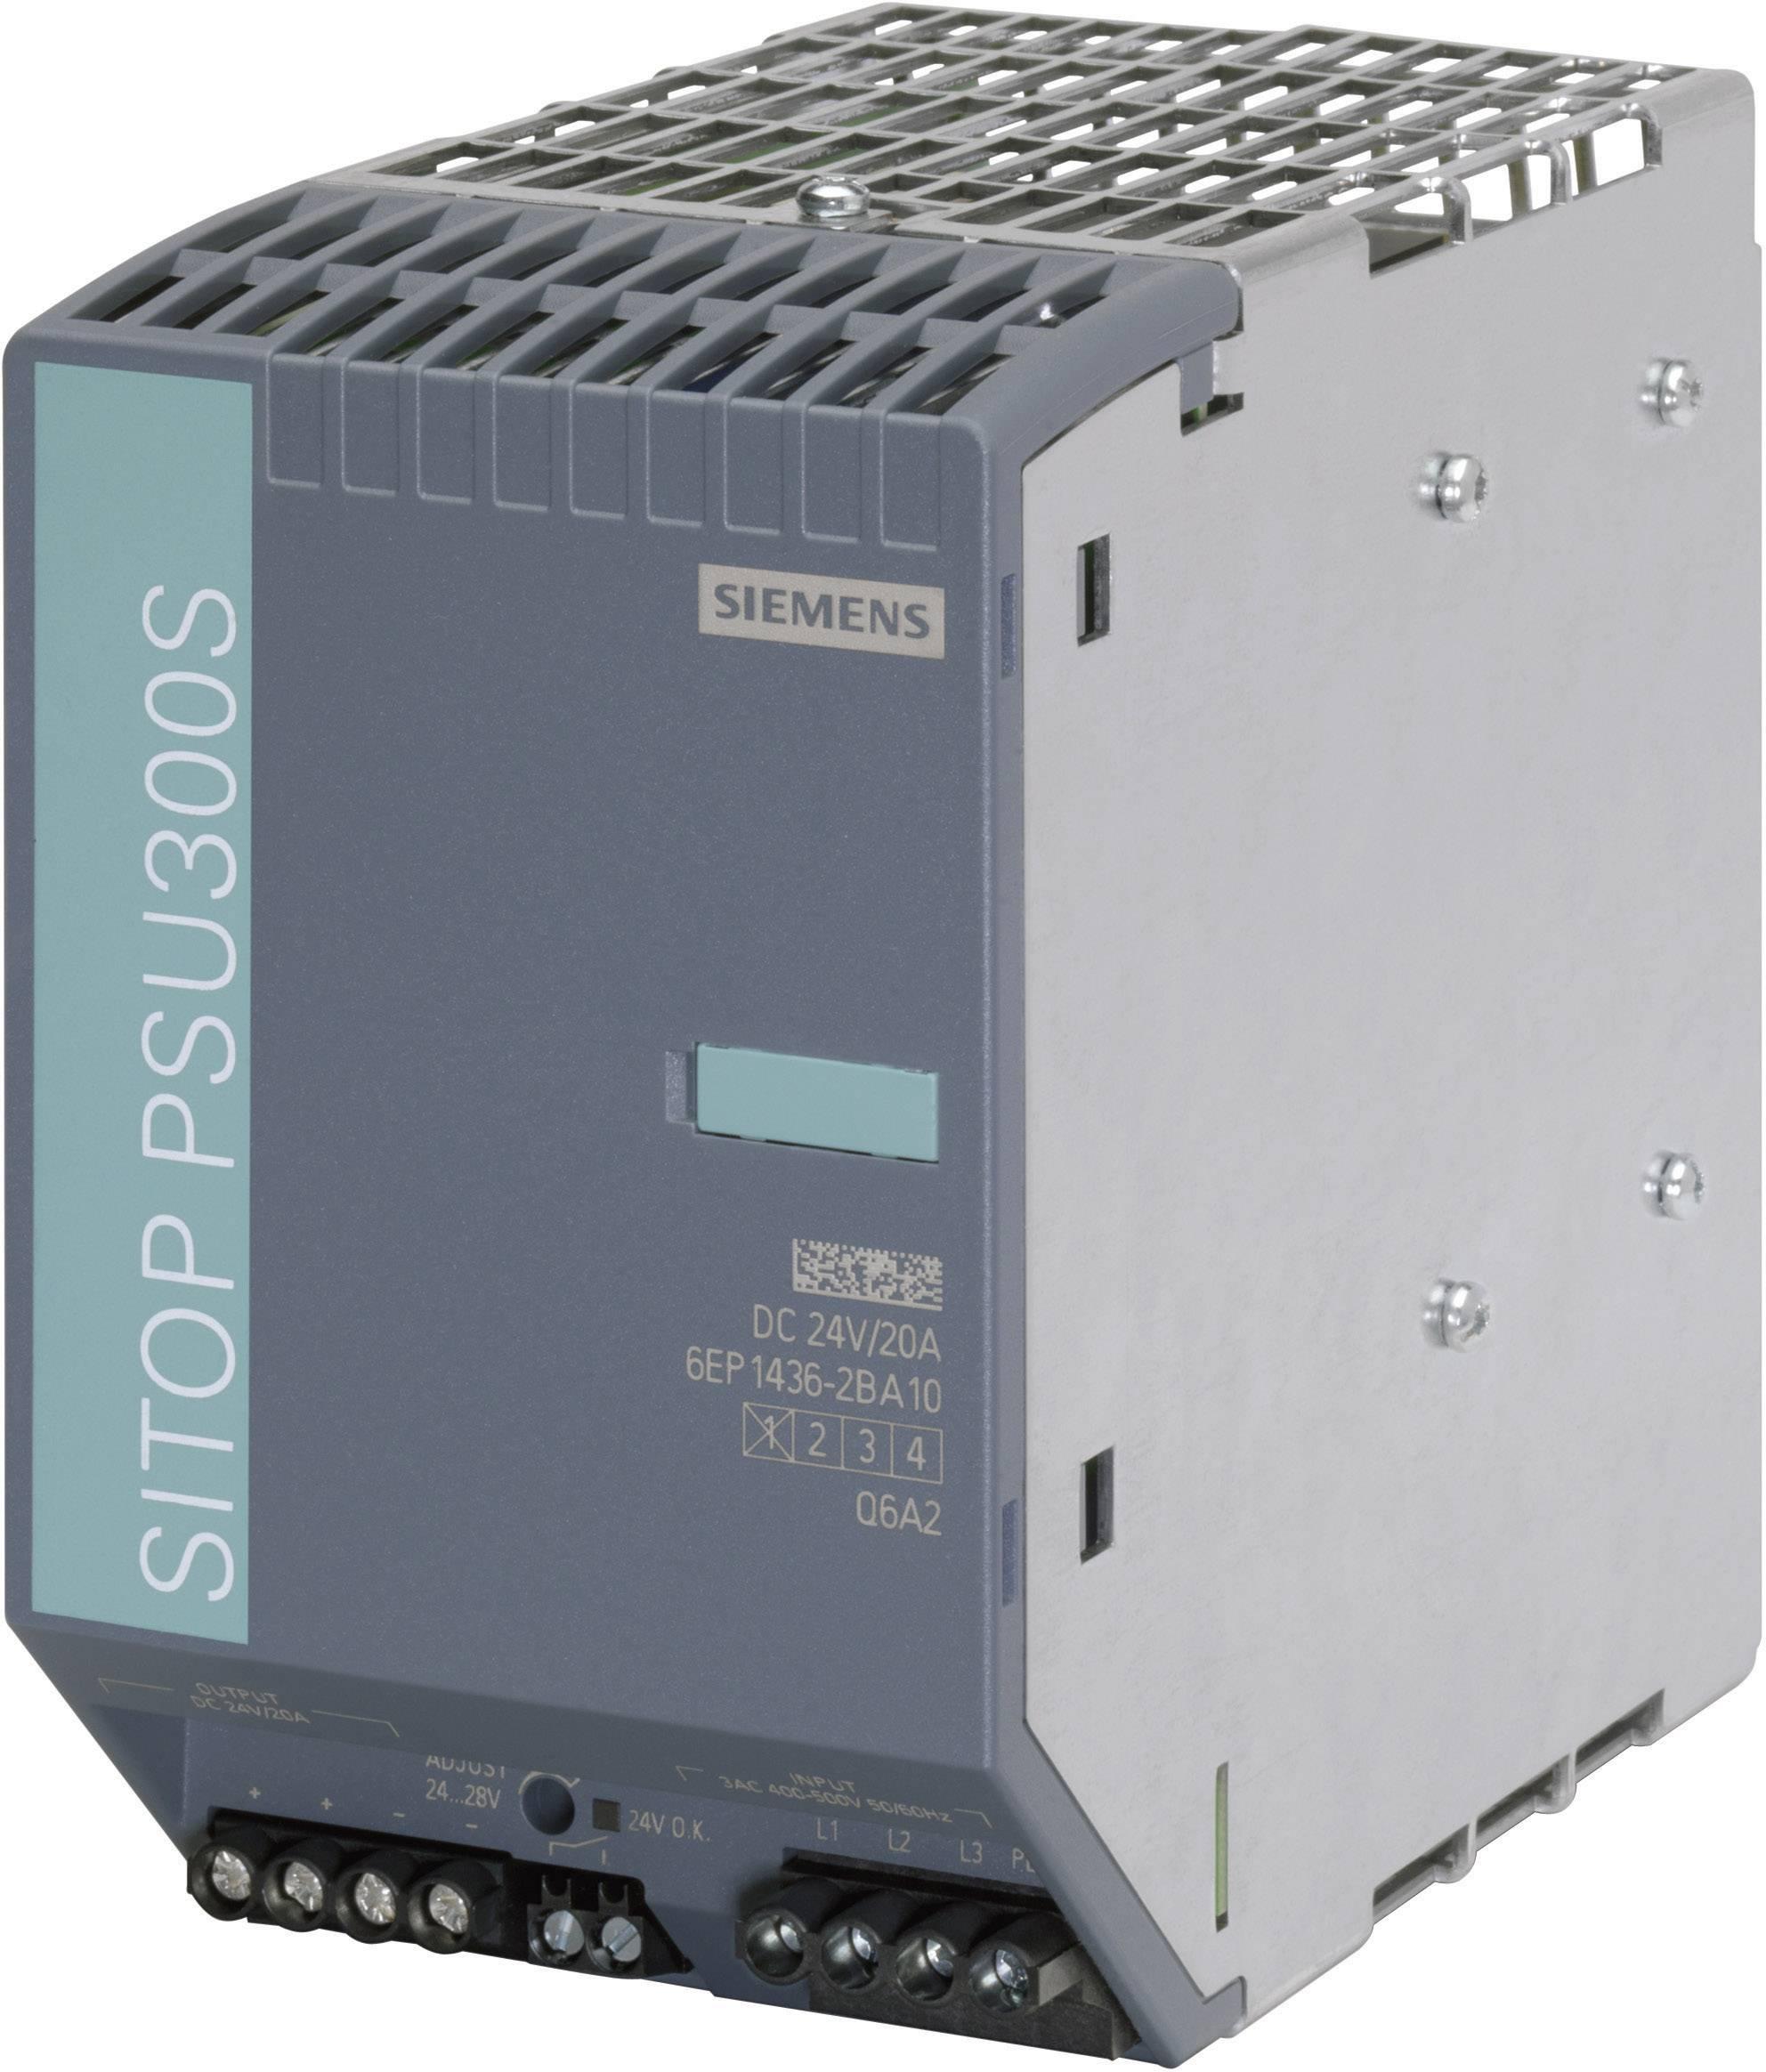 Sieťový zdroj na montážnu lištu (DIN lištu) Siemens SITOP PSU300S 24 V/20 A, 1 x, 24 V/DC, 20 A, 480 W